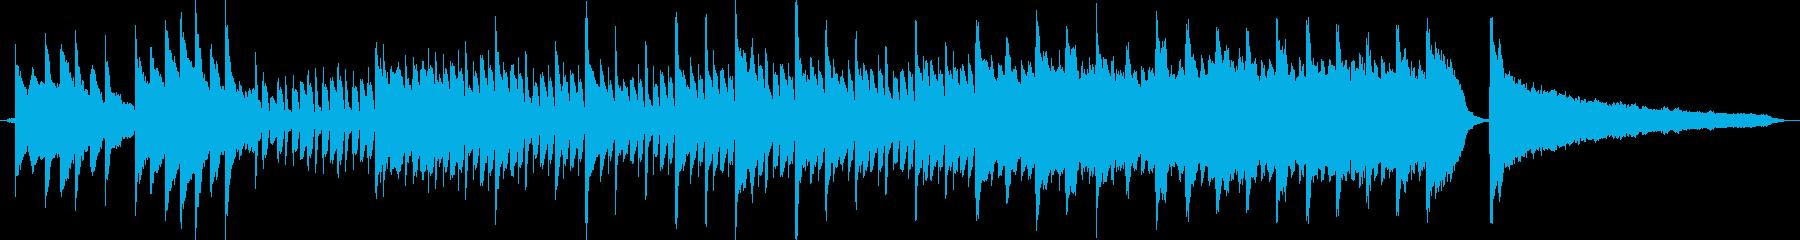 ちょっとノスタルジーなピアノサウンドの再生済みの波形